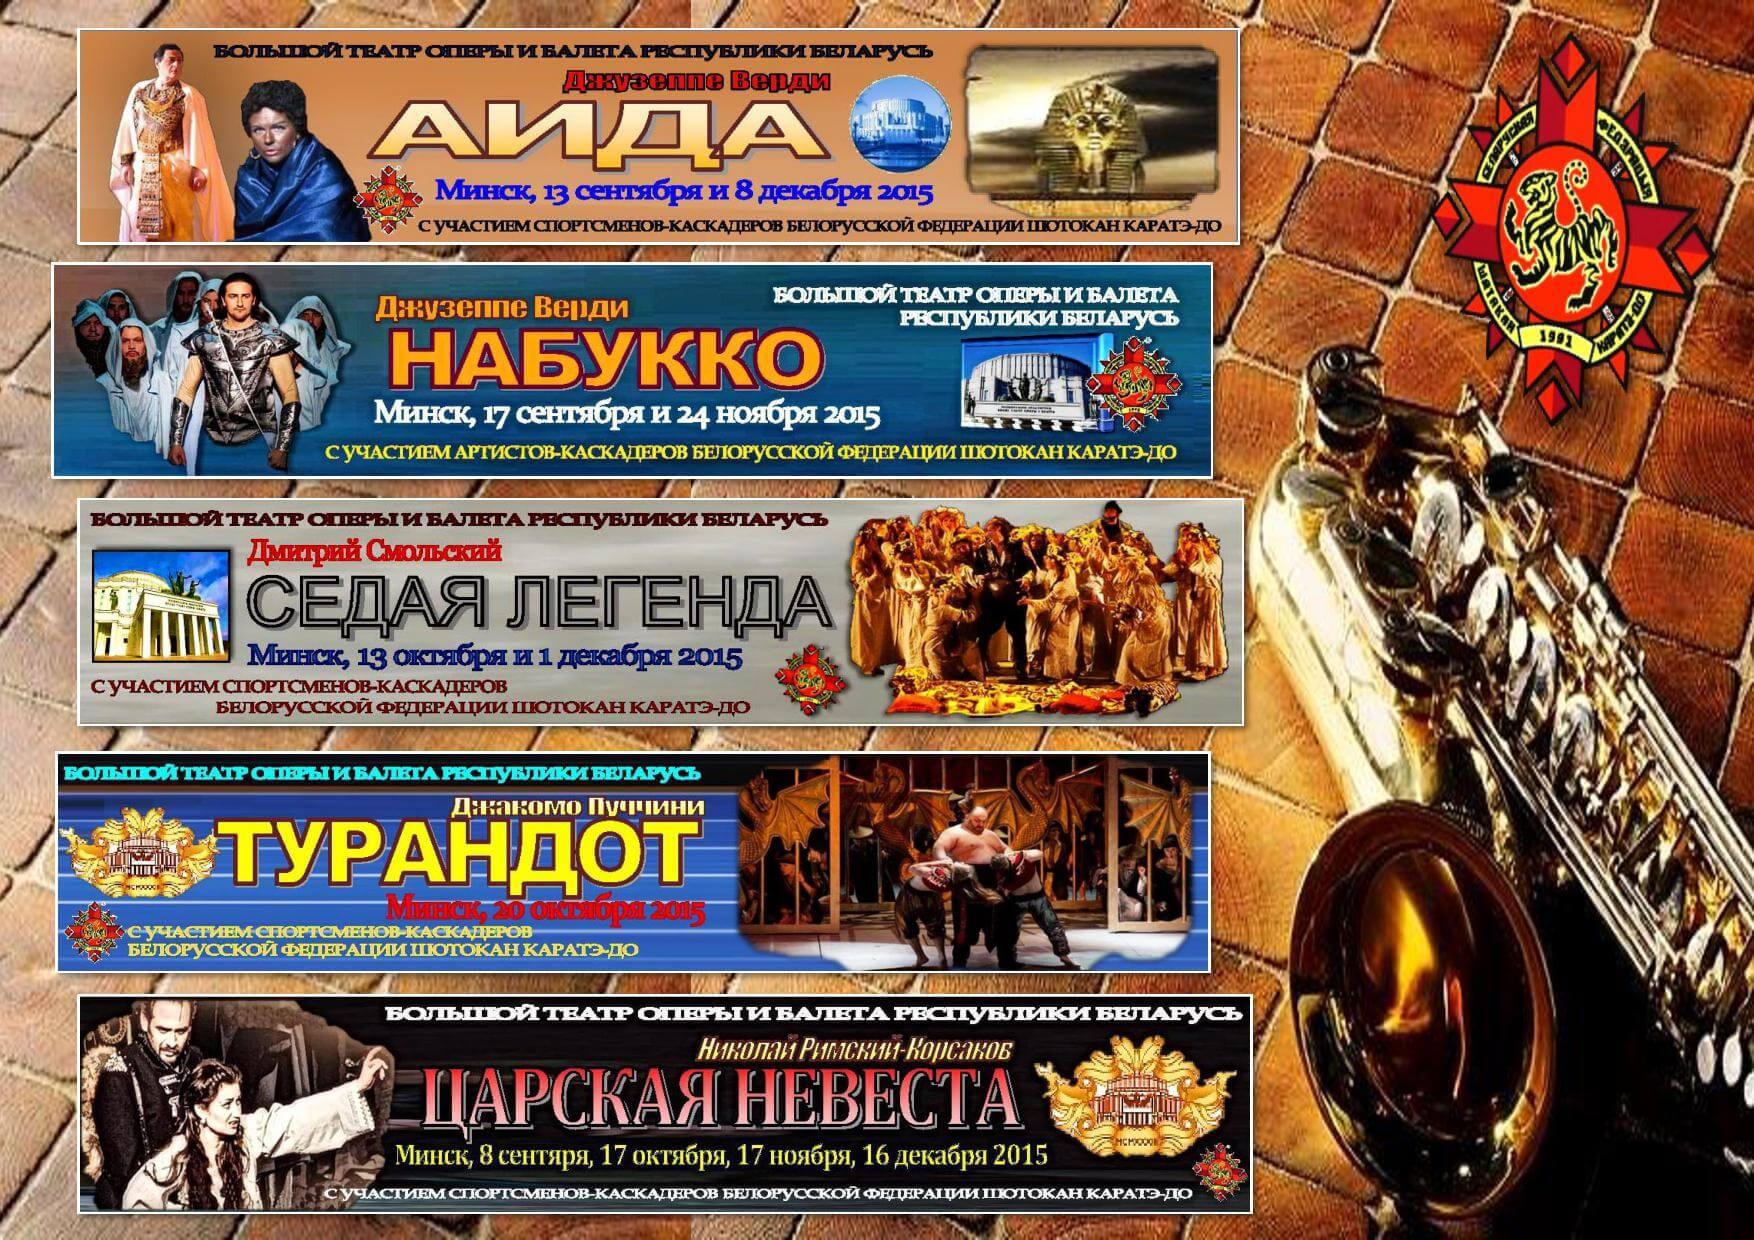 БФШК Все оперы в НАБТ-2015